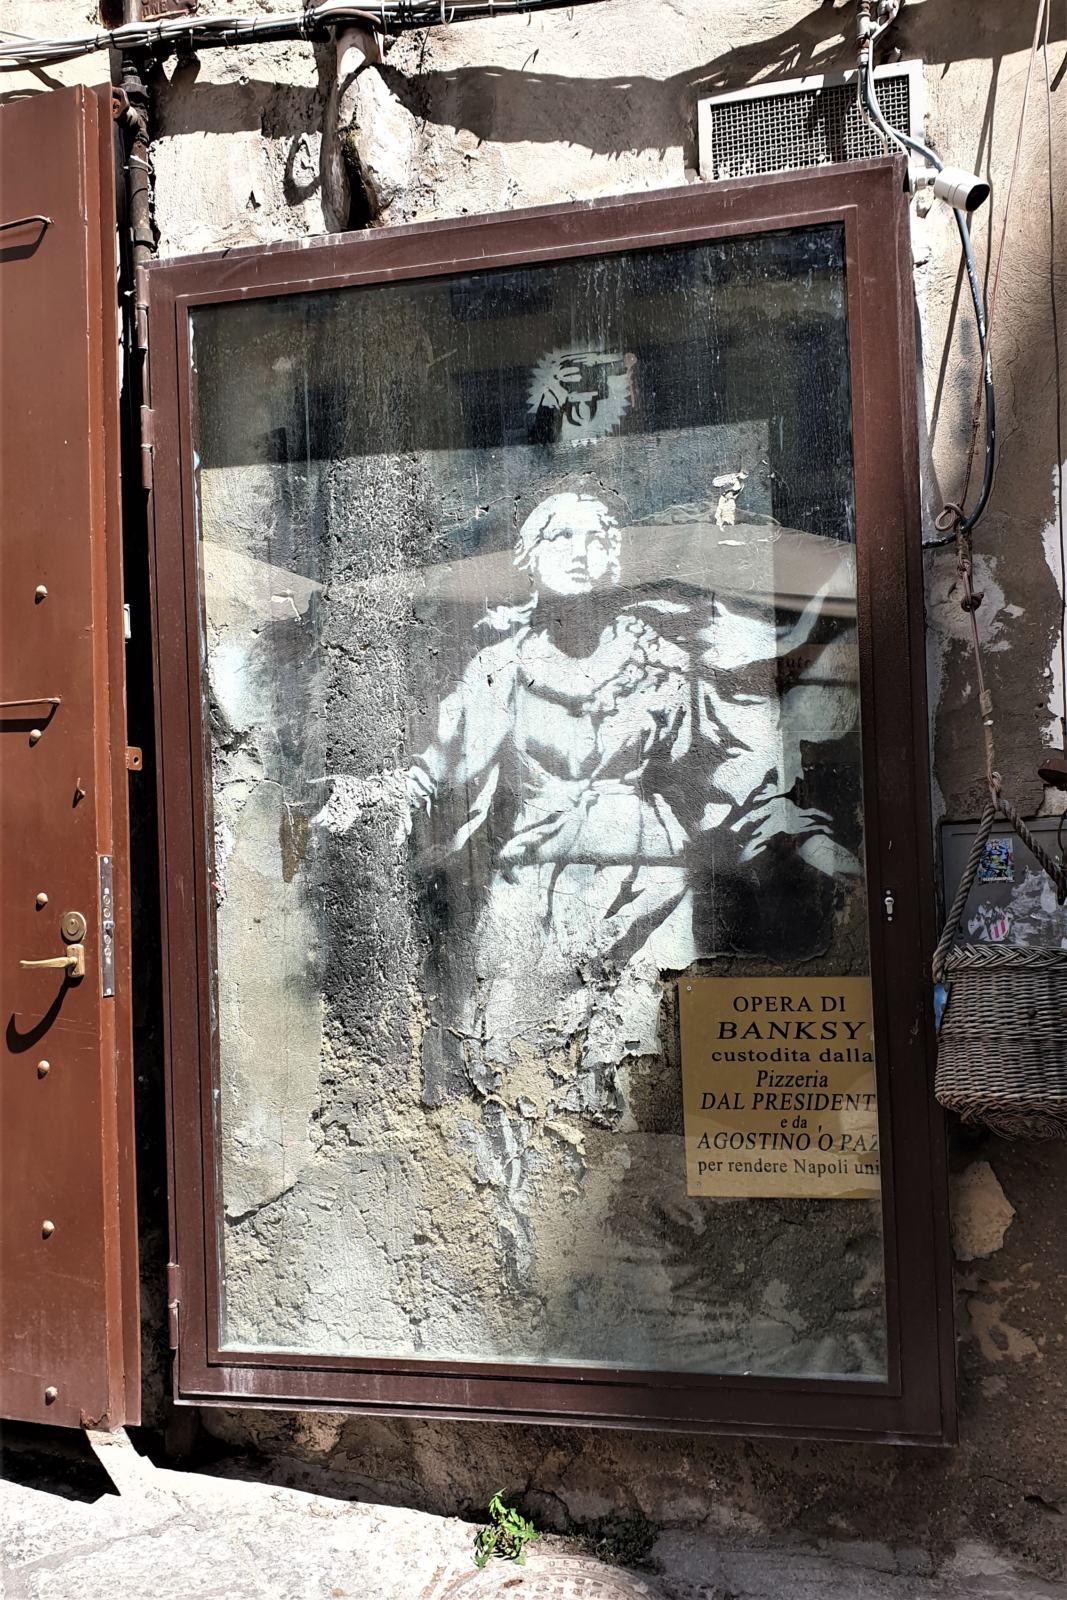 La Madonna con la pistola di Banksy